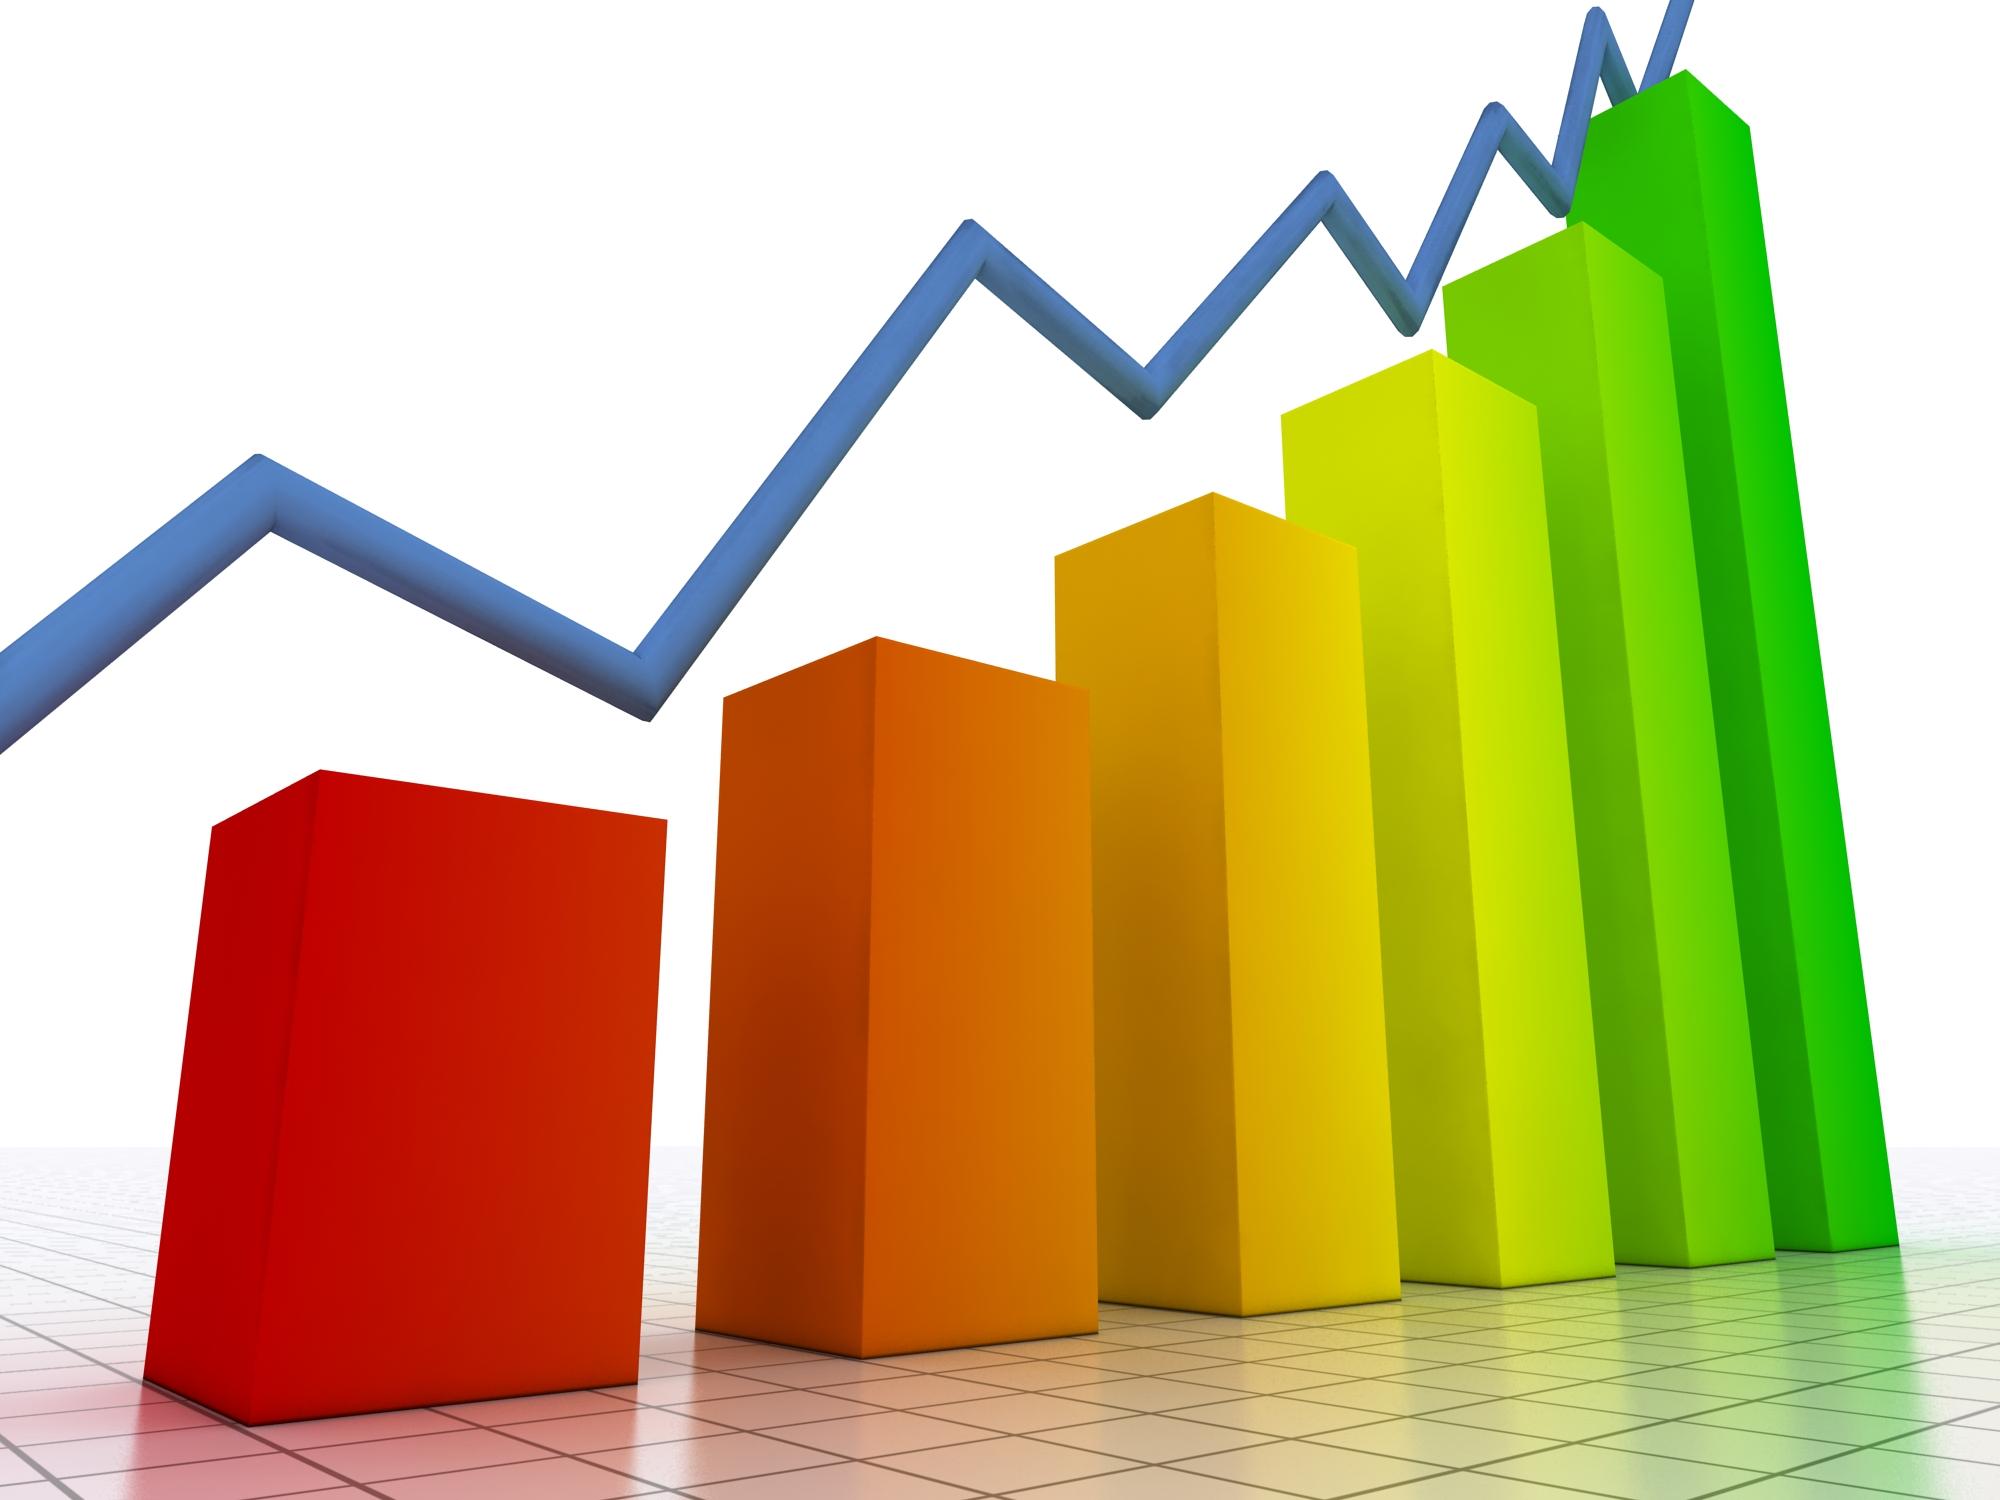 The Terminology of Organizational Performance Measurement   قياس الاداء المؤسسي:مصطلحات تستخدم في قياس الأداء المؤسسي